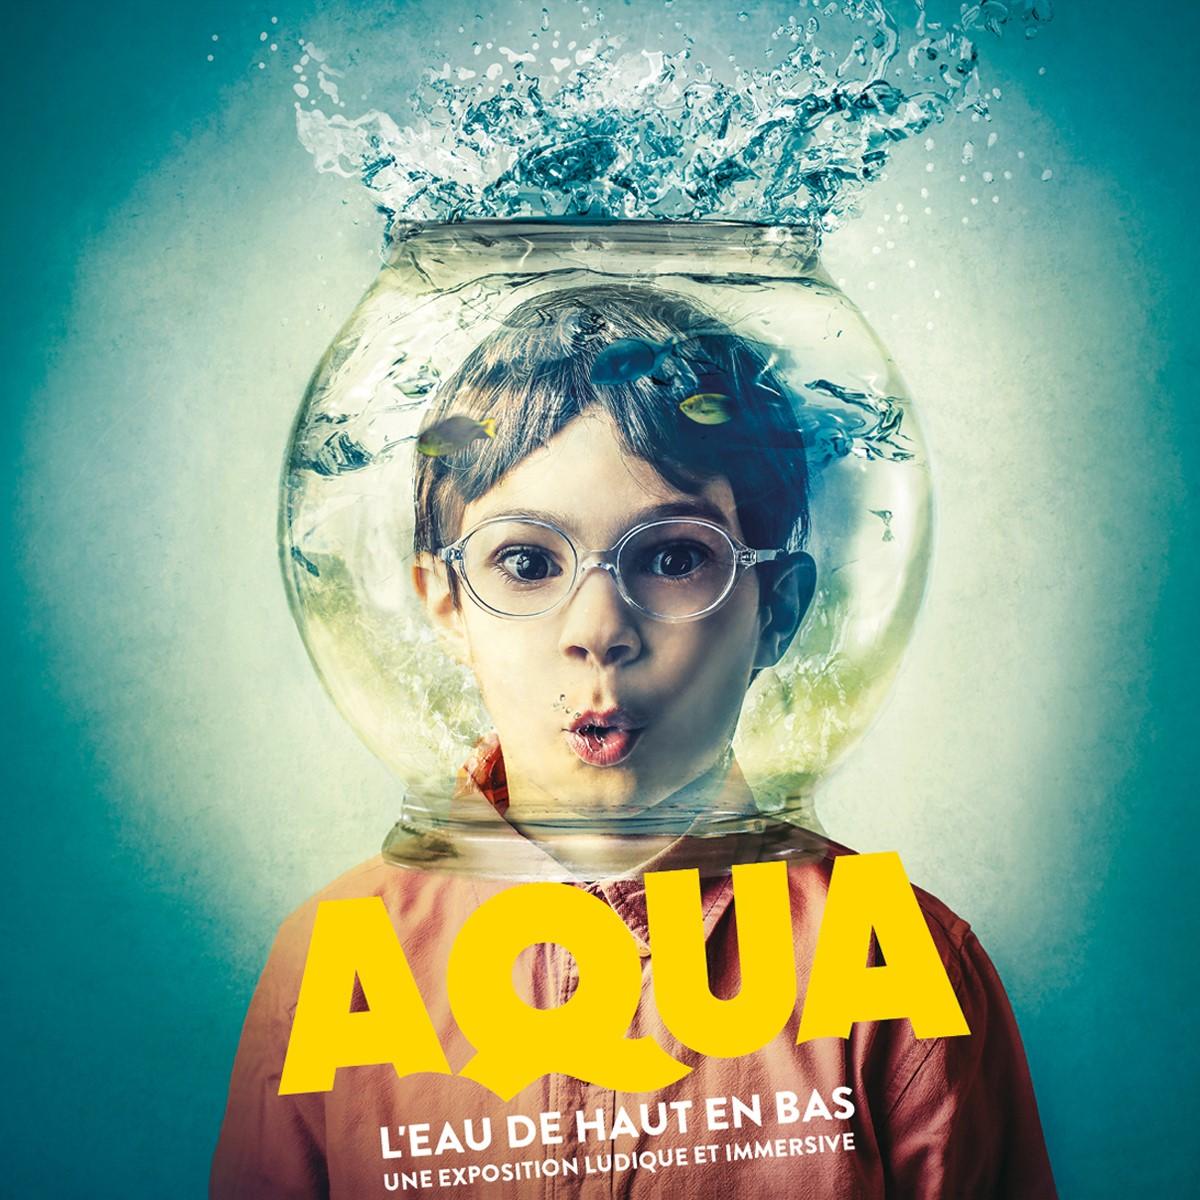 AQUA. L'eau de haut en bas